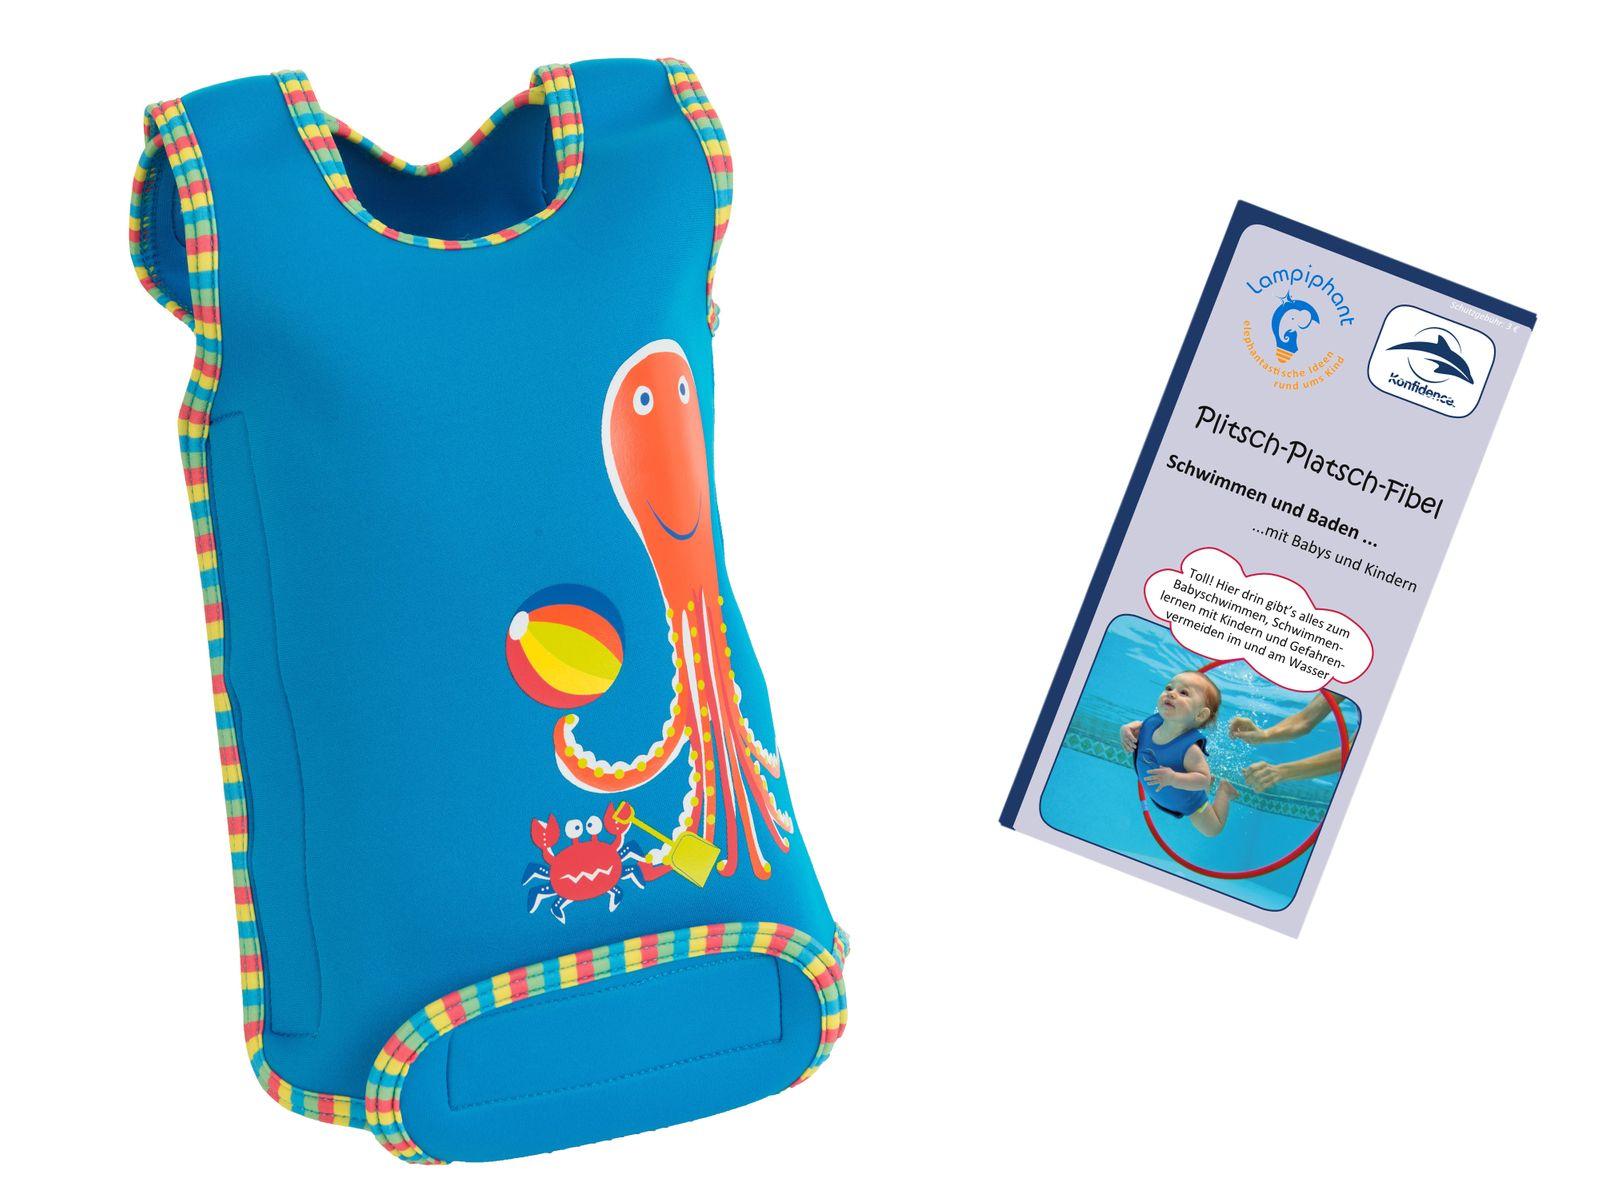 Lampiphant® + Konfidence Babywarma, Schwimm-Anzug mit Plitsch-Platsch-Fibel – Bild 8